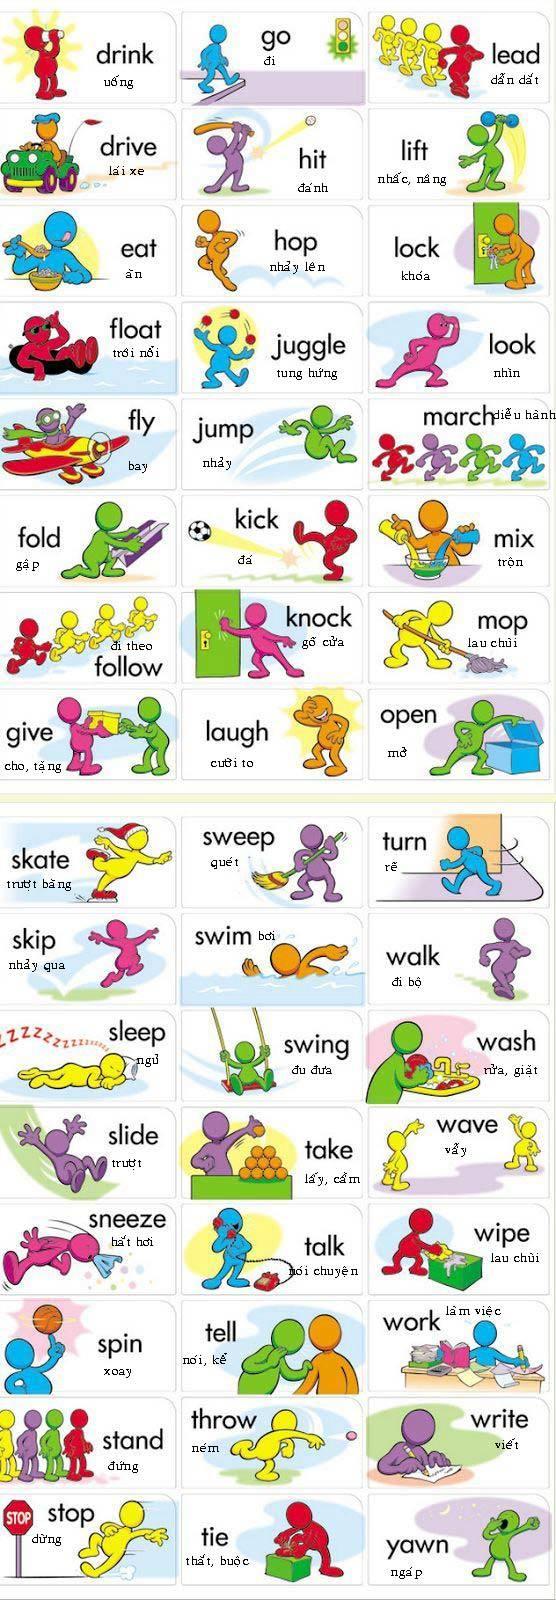 48 động từ sử dụng nhiều nhất trong tiếng Anh